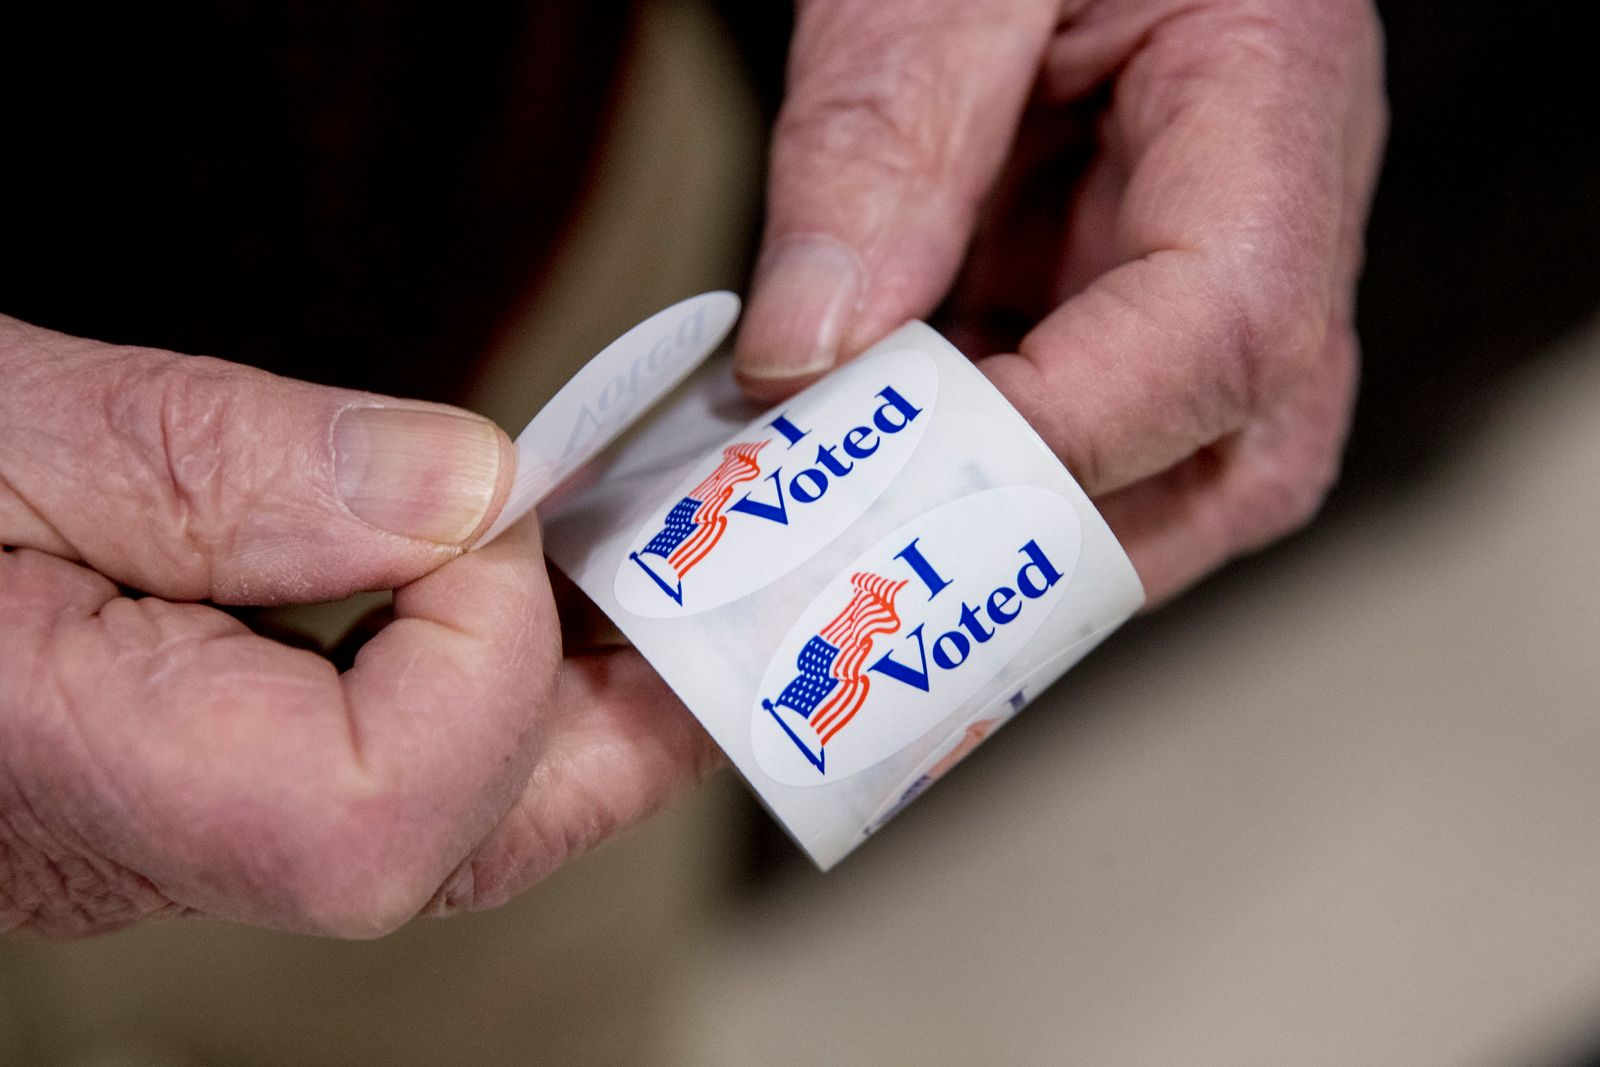 Vorwahl im US-Präsidentschaftswahlkampf - New Hampshire